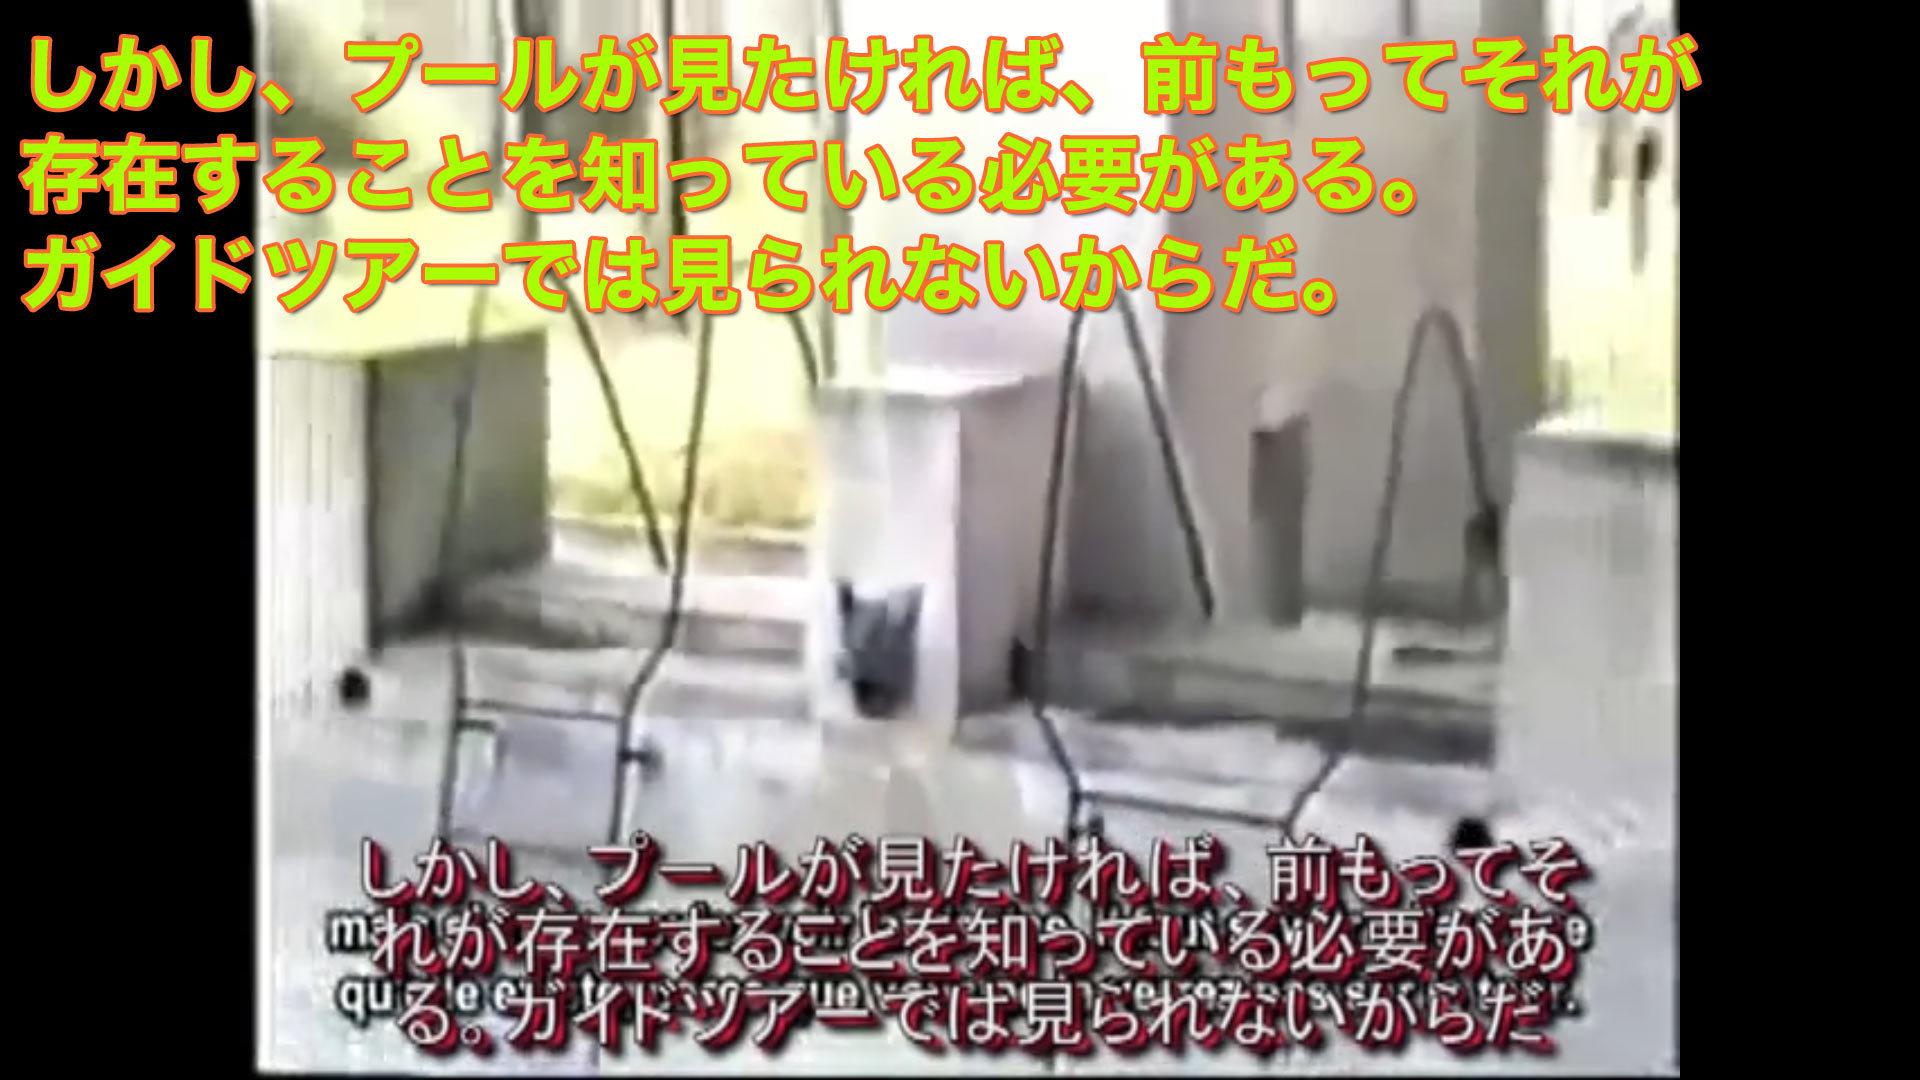 hc122917.jpg